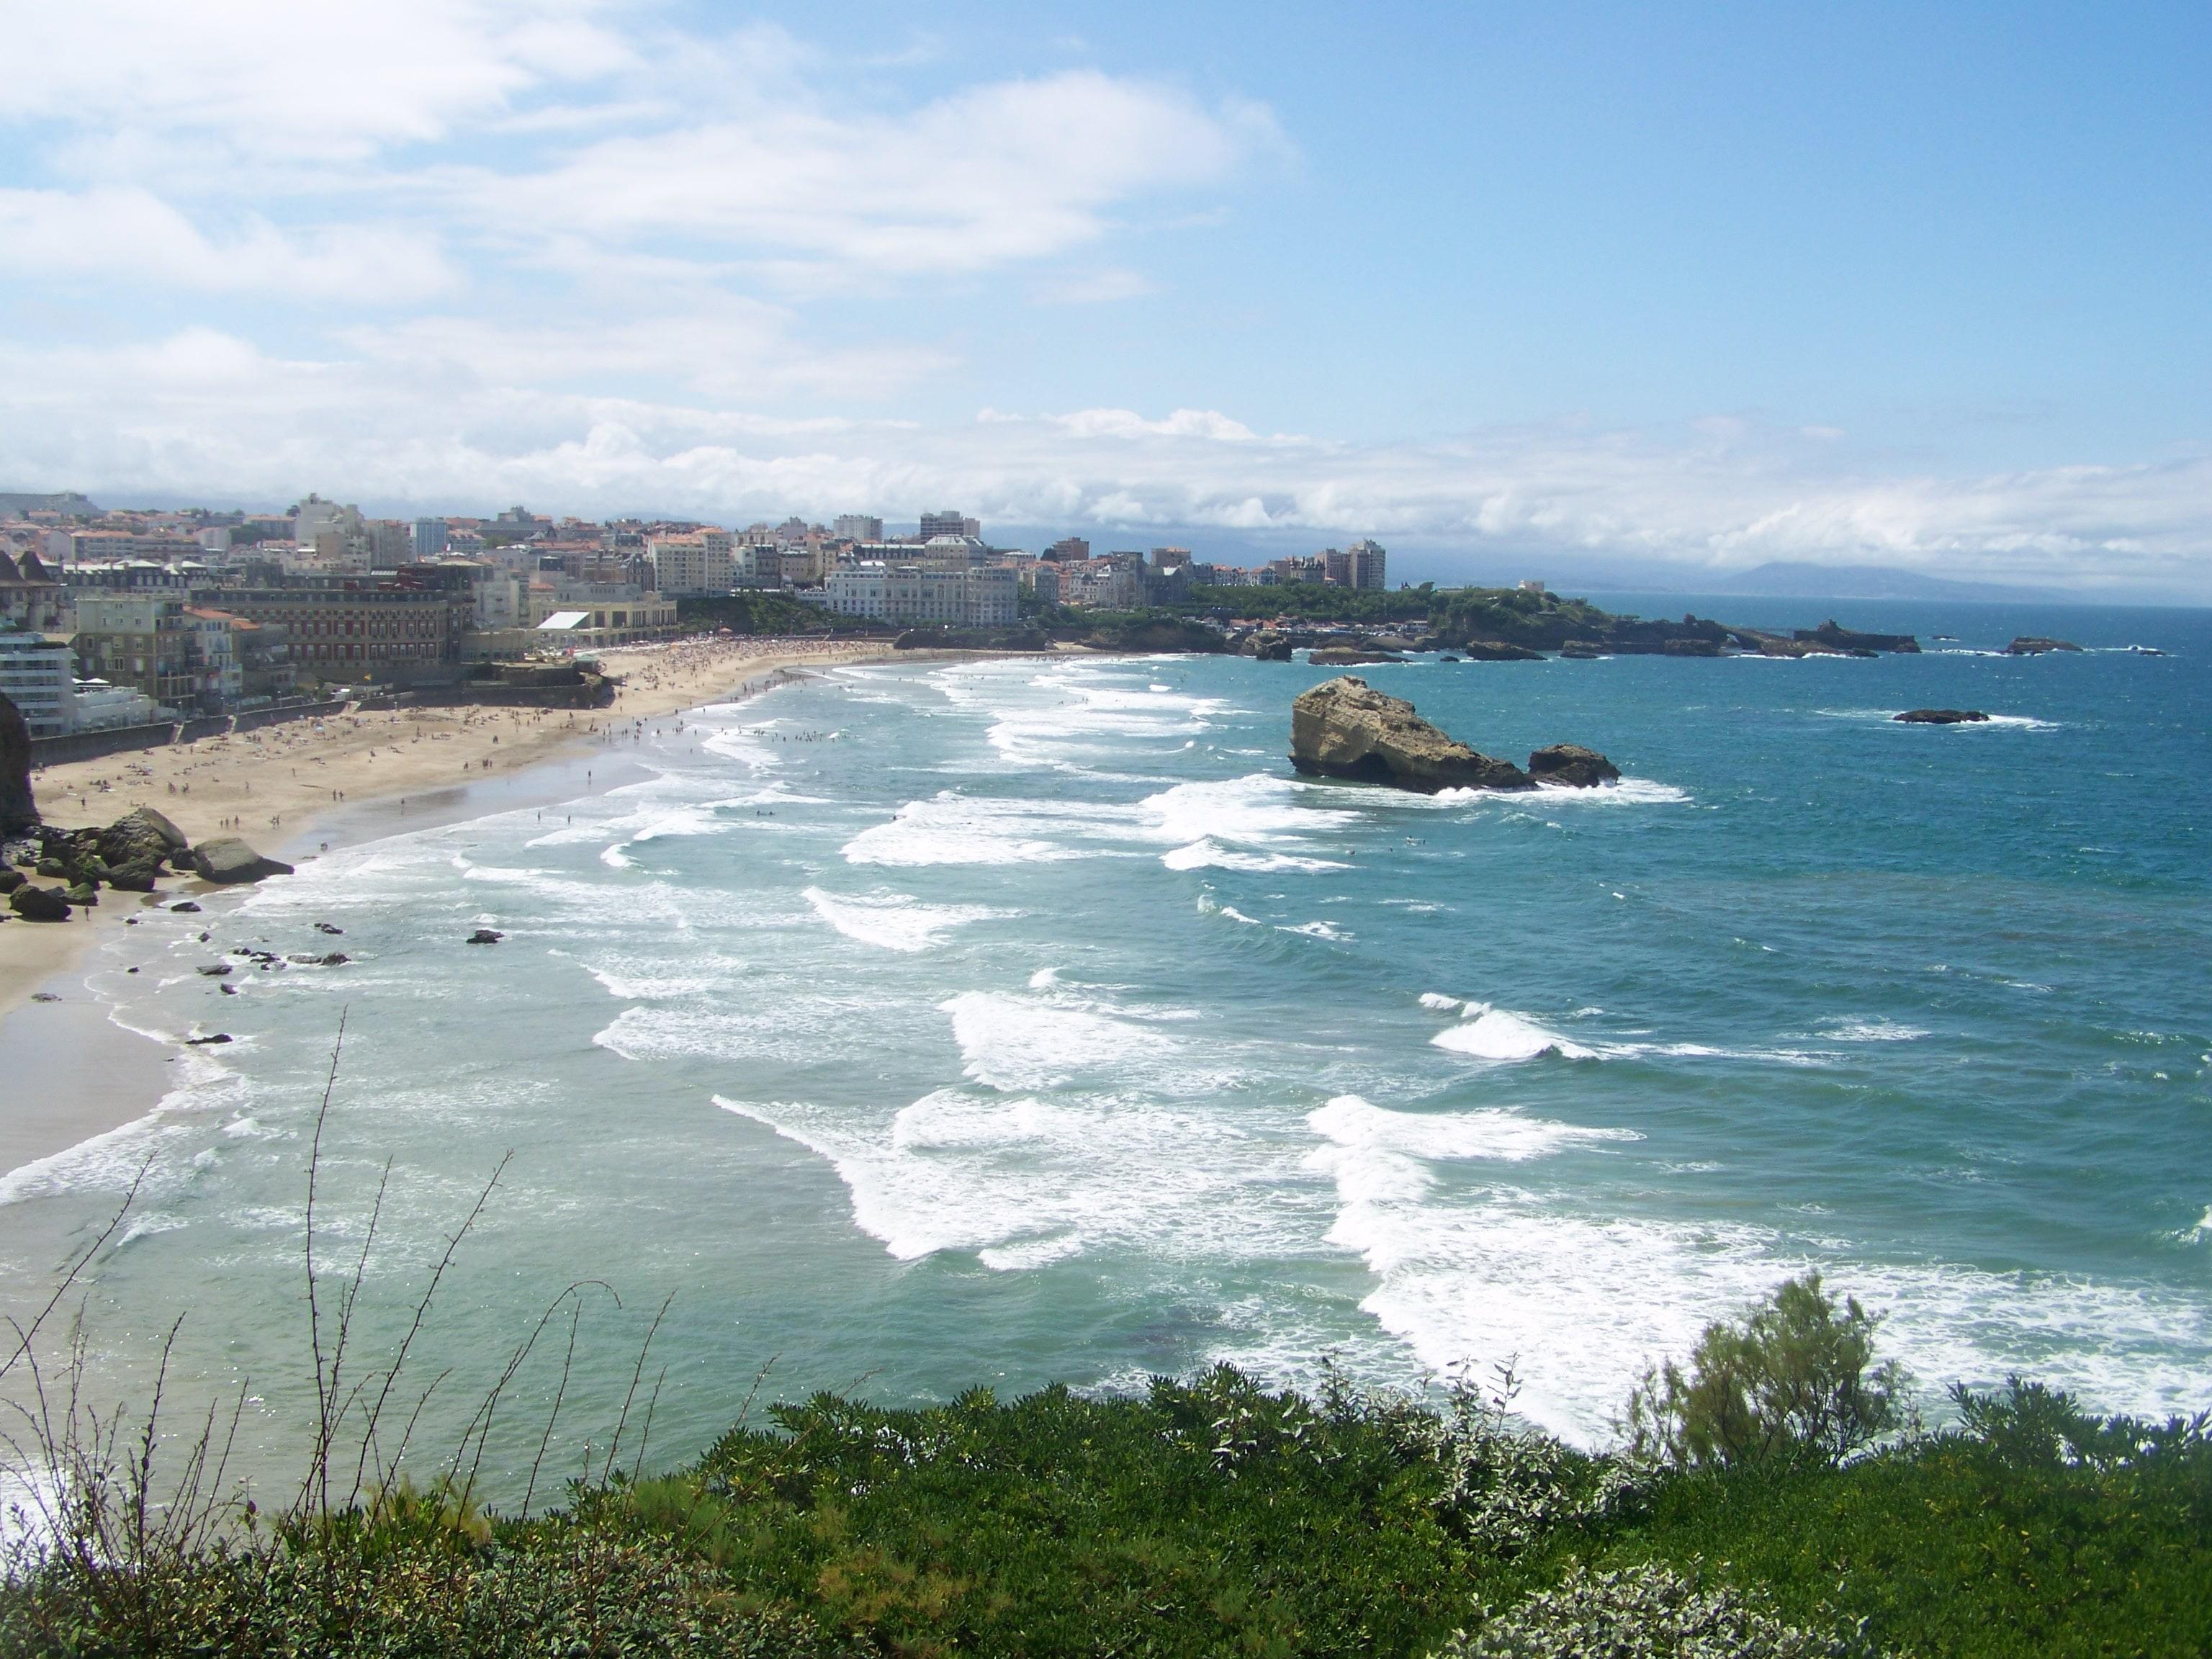 Europejska stolica surfingu, czyli Biarritz we Francji.